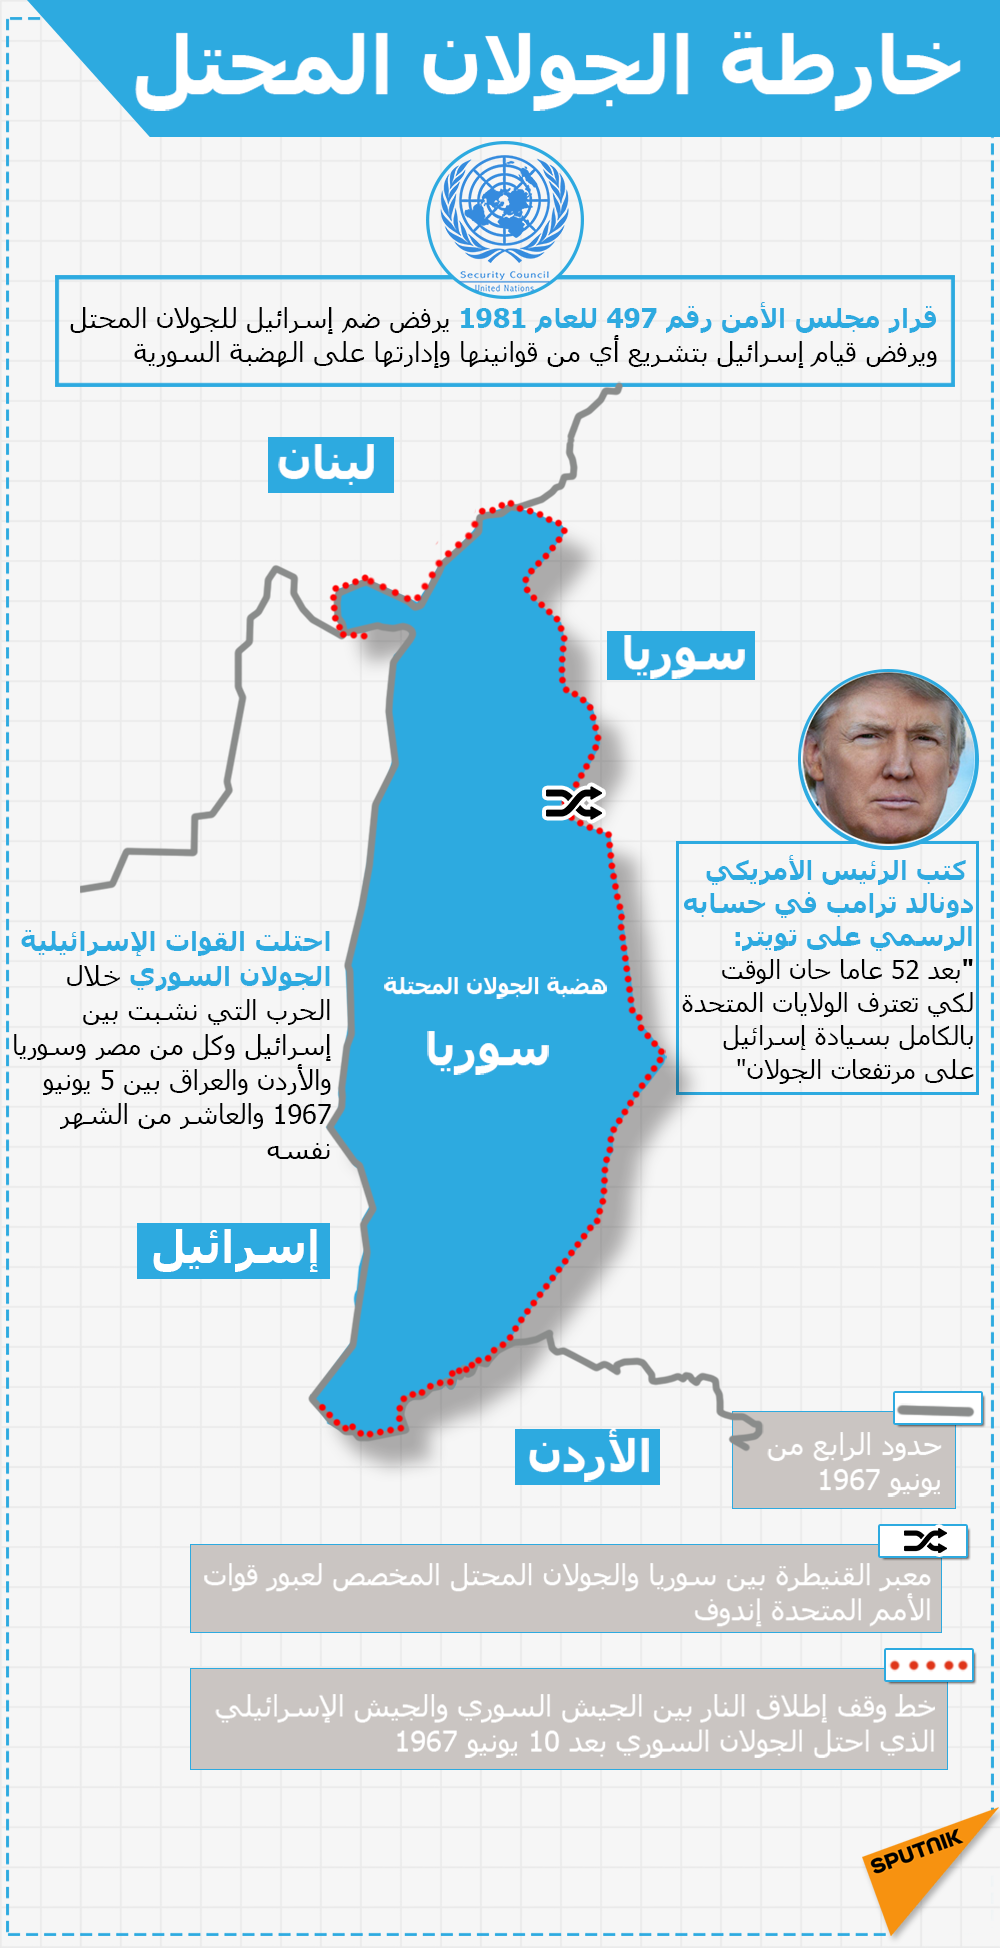 إنفوجرافيك - خارطة الجولان السوري المحتل